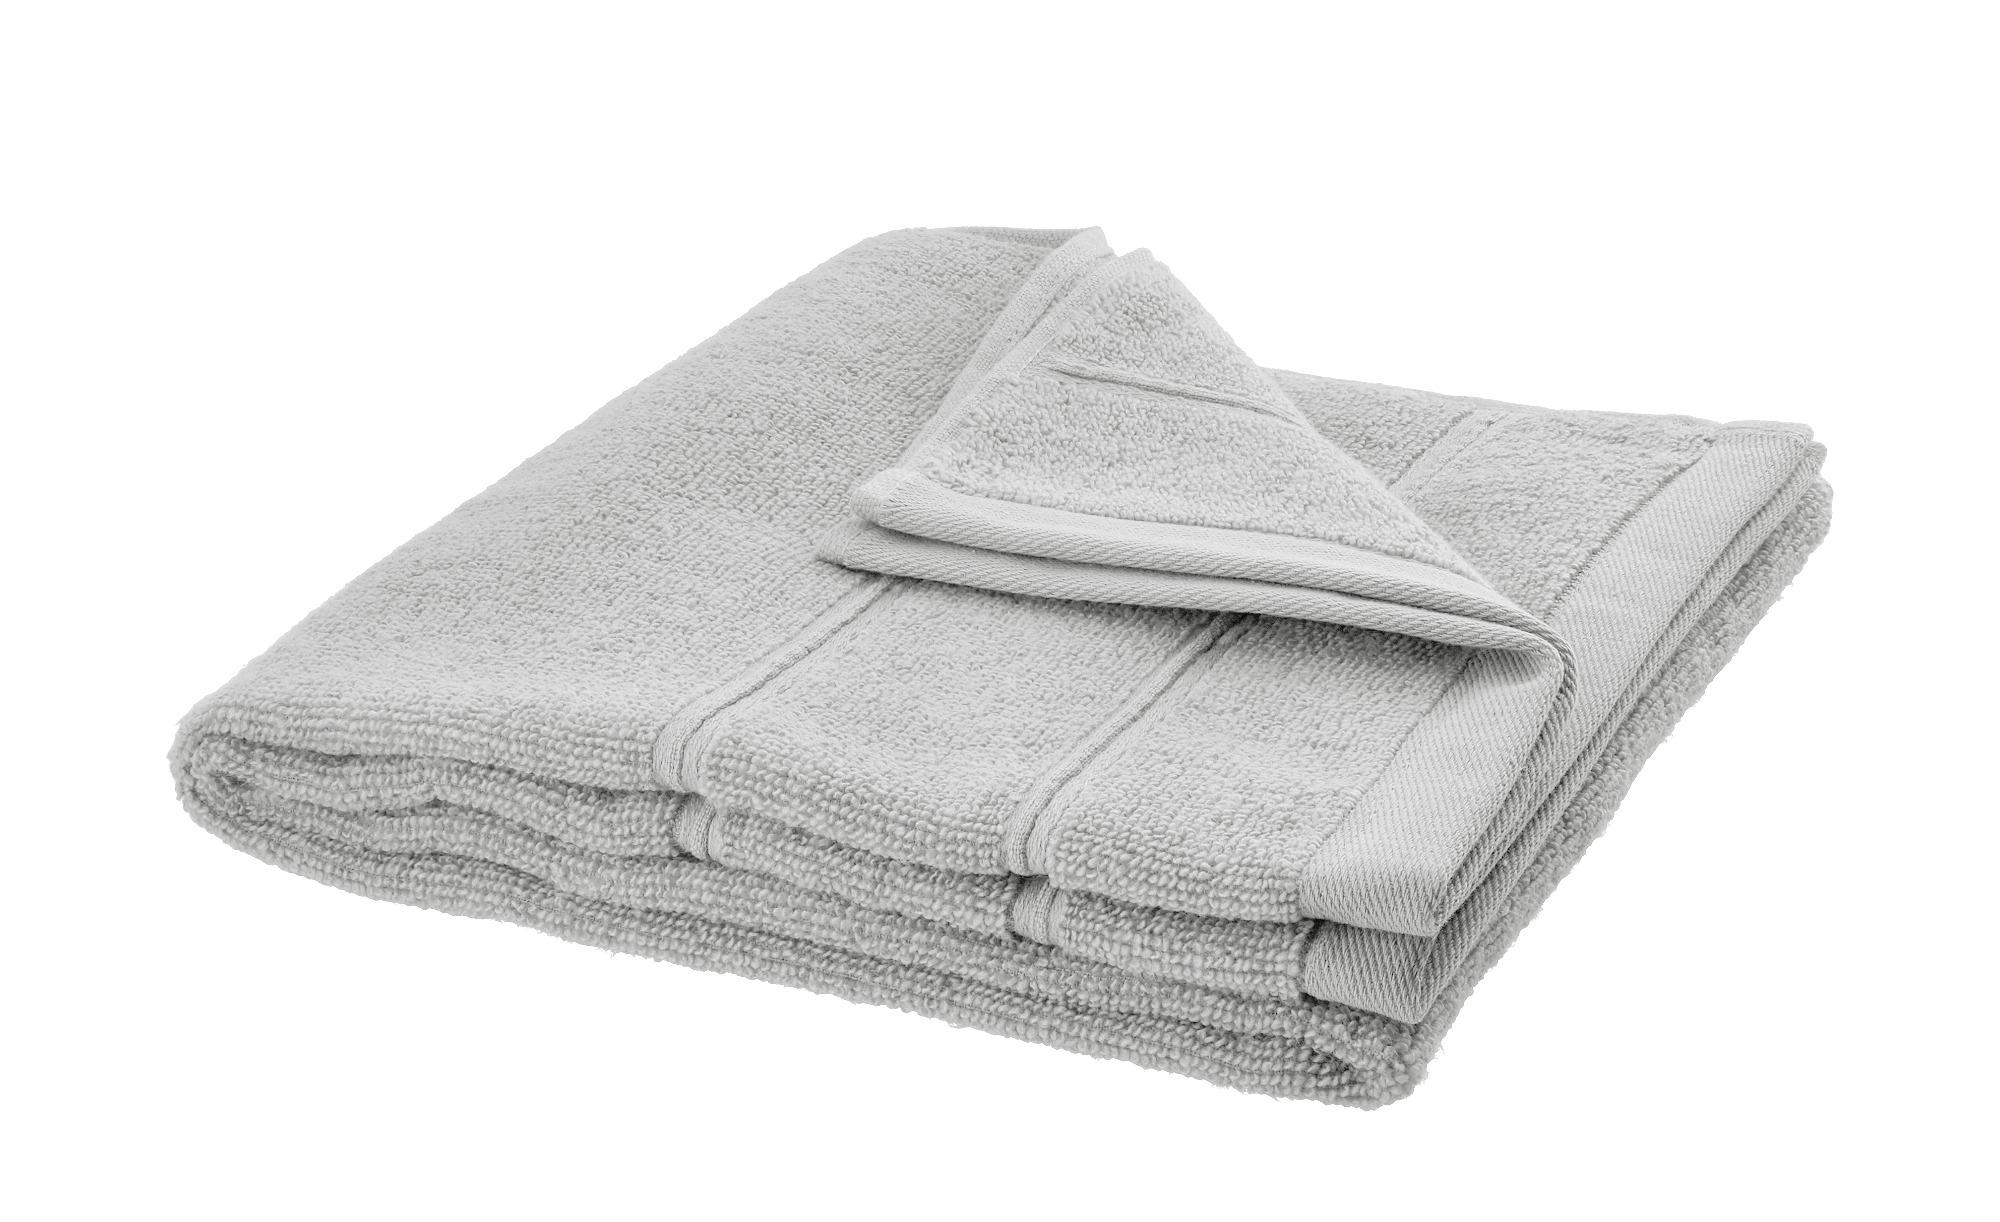 HOME STORY Handtuch  Lifestyle - silber - reine Baumwolle - 50 cm - Heimtextilien > Badtextilien und Zubehör > Handtücher - Möbel Kraft | Bad > Handtücher | HOME STORY